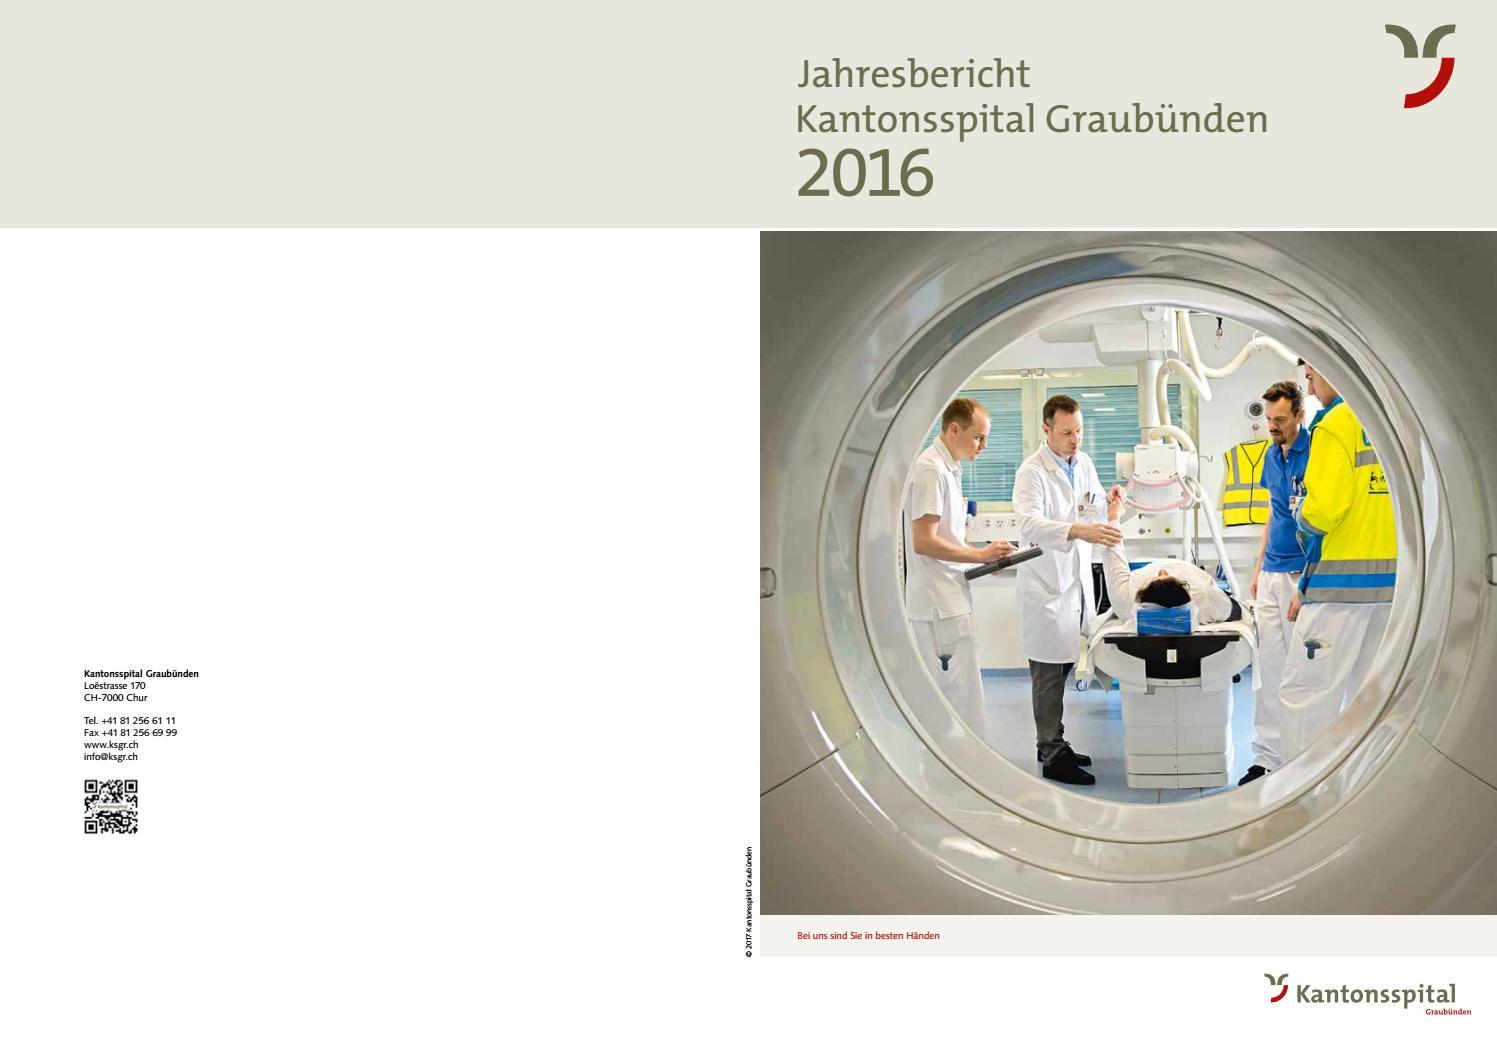 Jahresbericht KSGR 2016 by KSGR - issuu